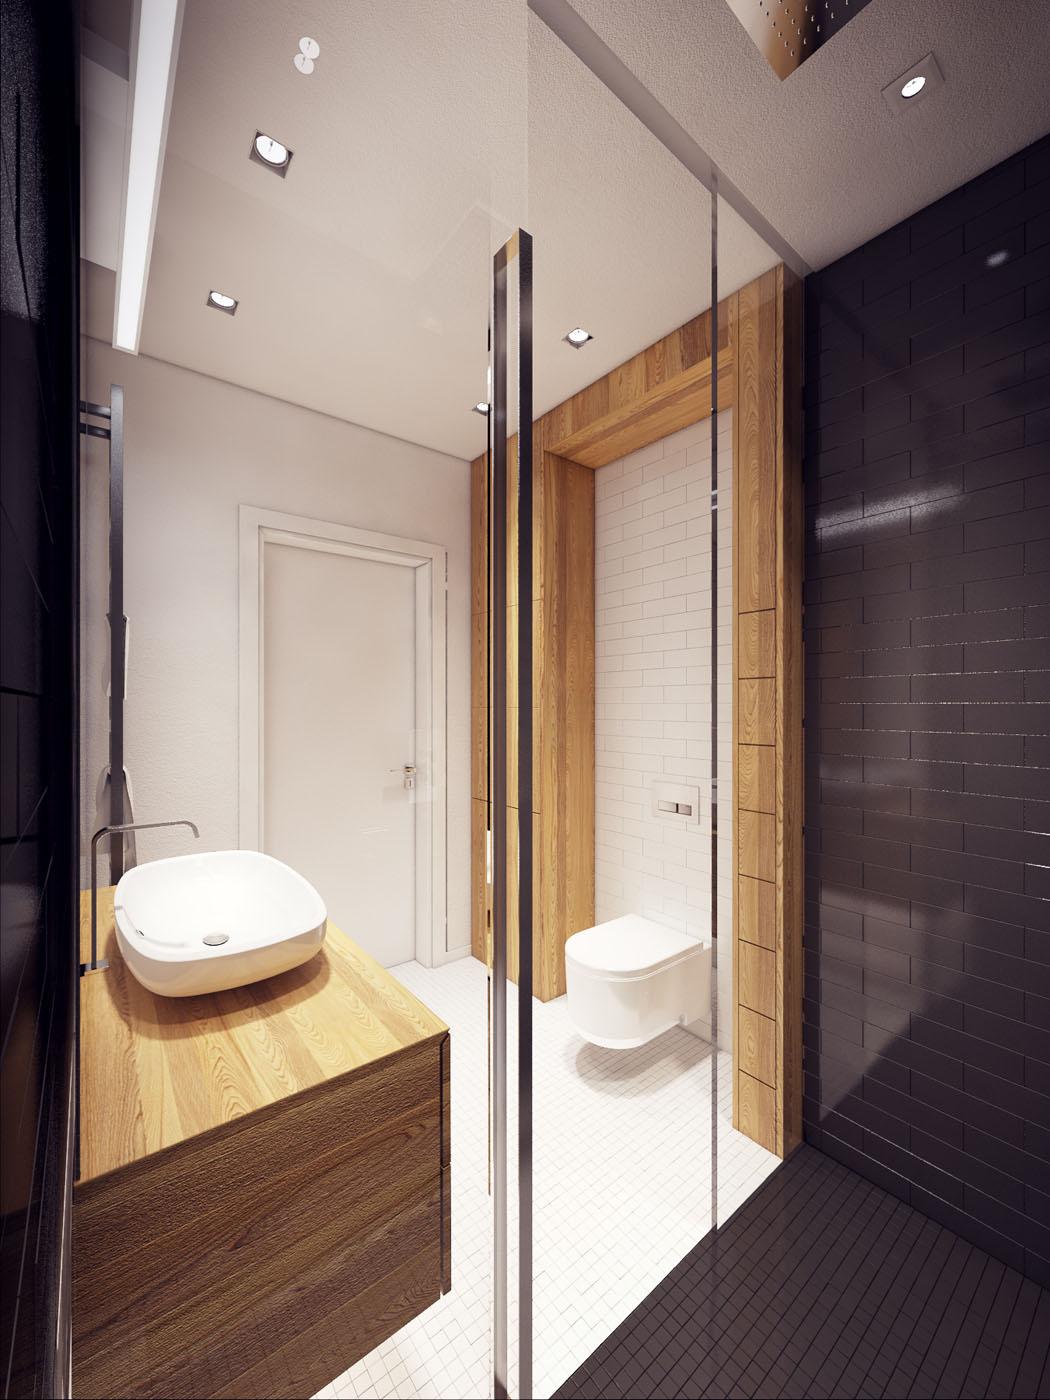 Appartement moderne au design minimaliste et chaleureux for Salle de bain moderne 10m2